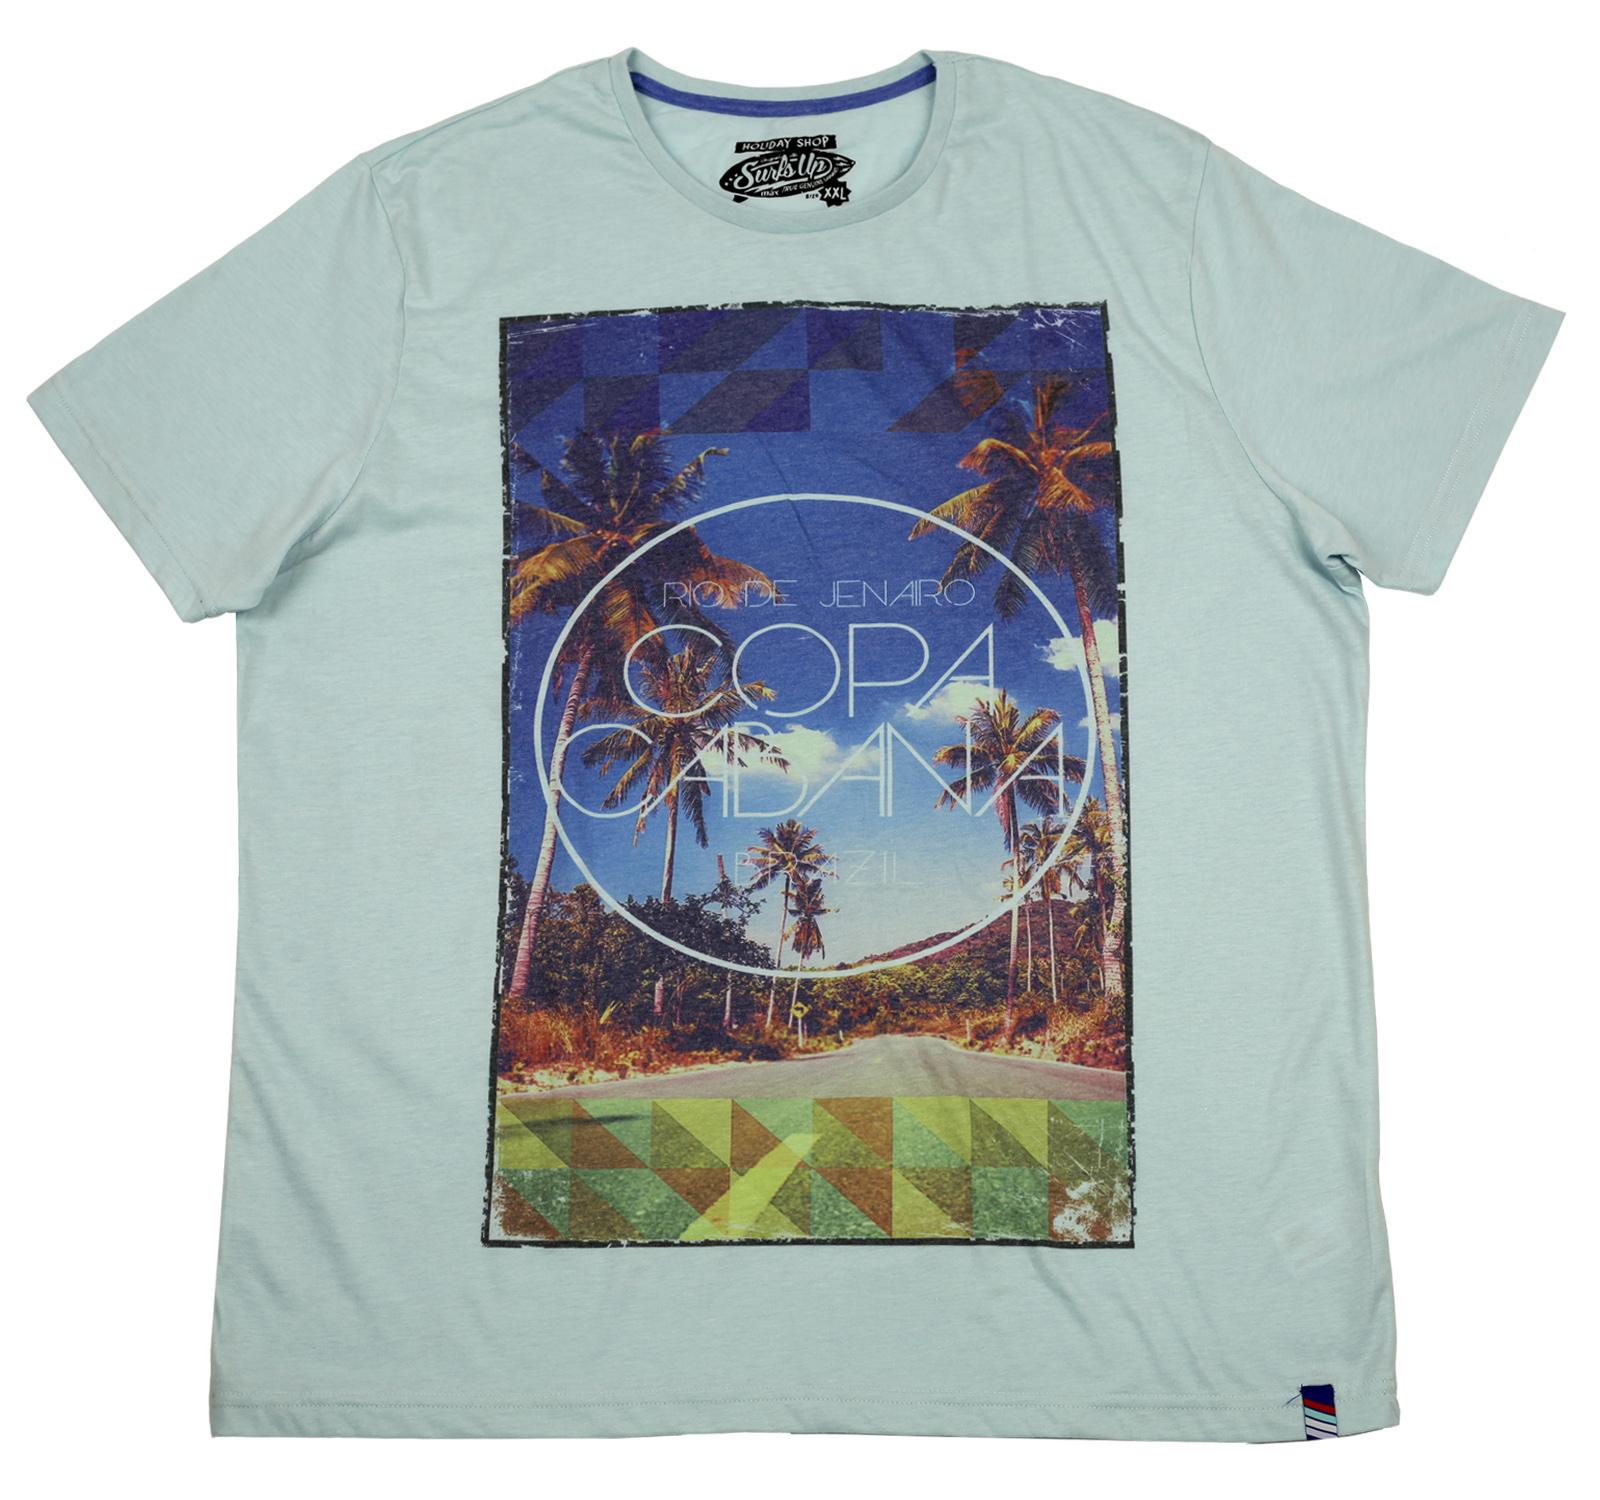 Пляжная футболка Holiday Shop. Фирменные вещи могут быть недорогими, заказывайте!